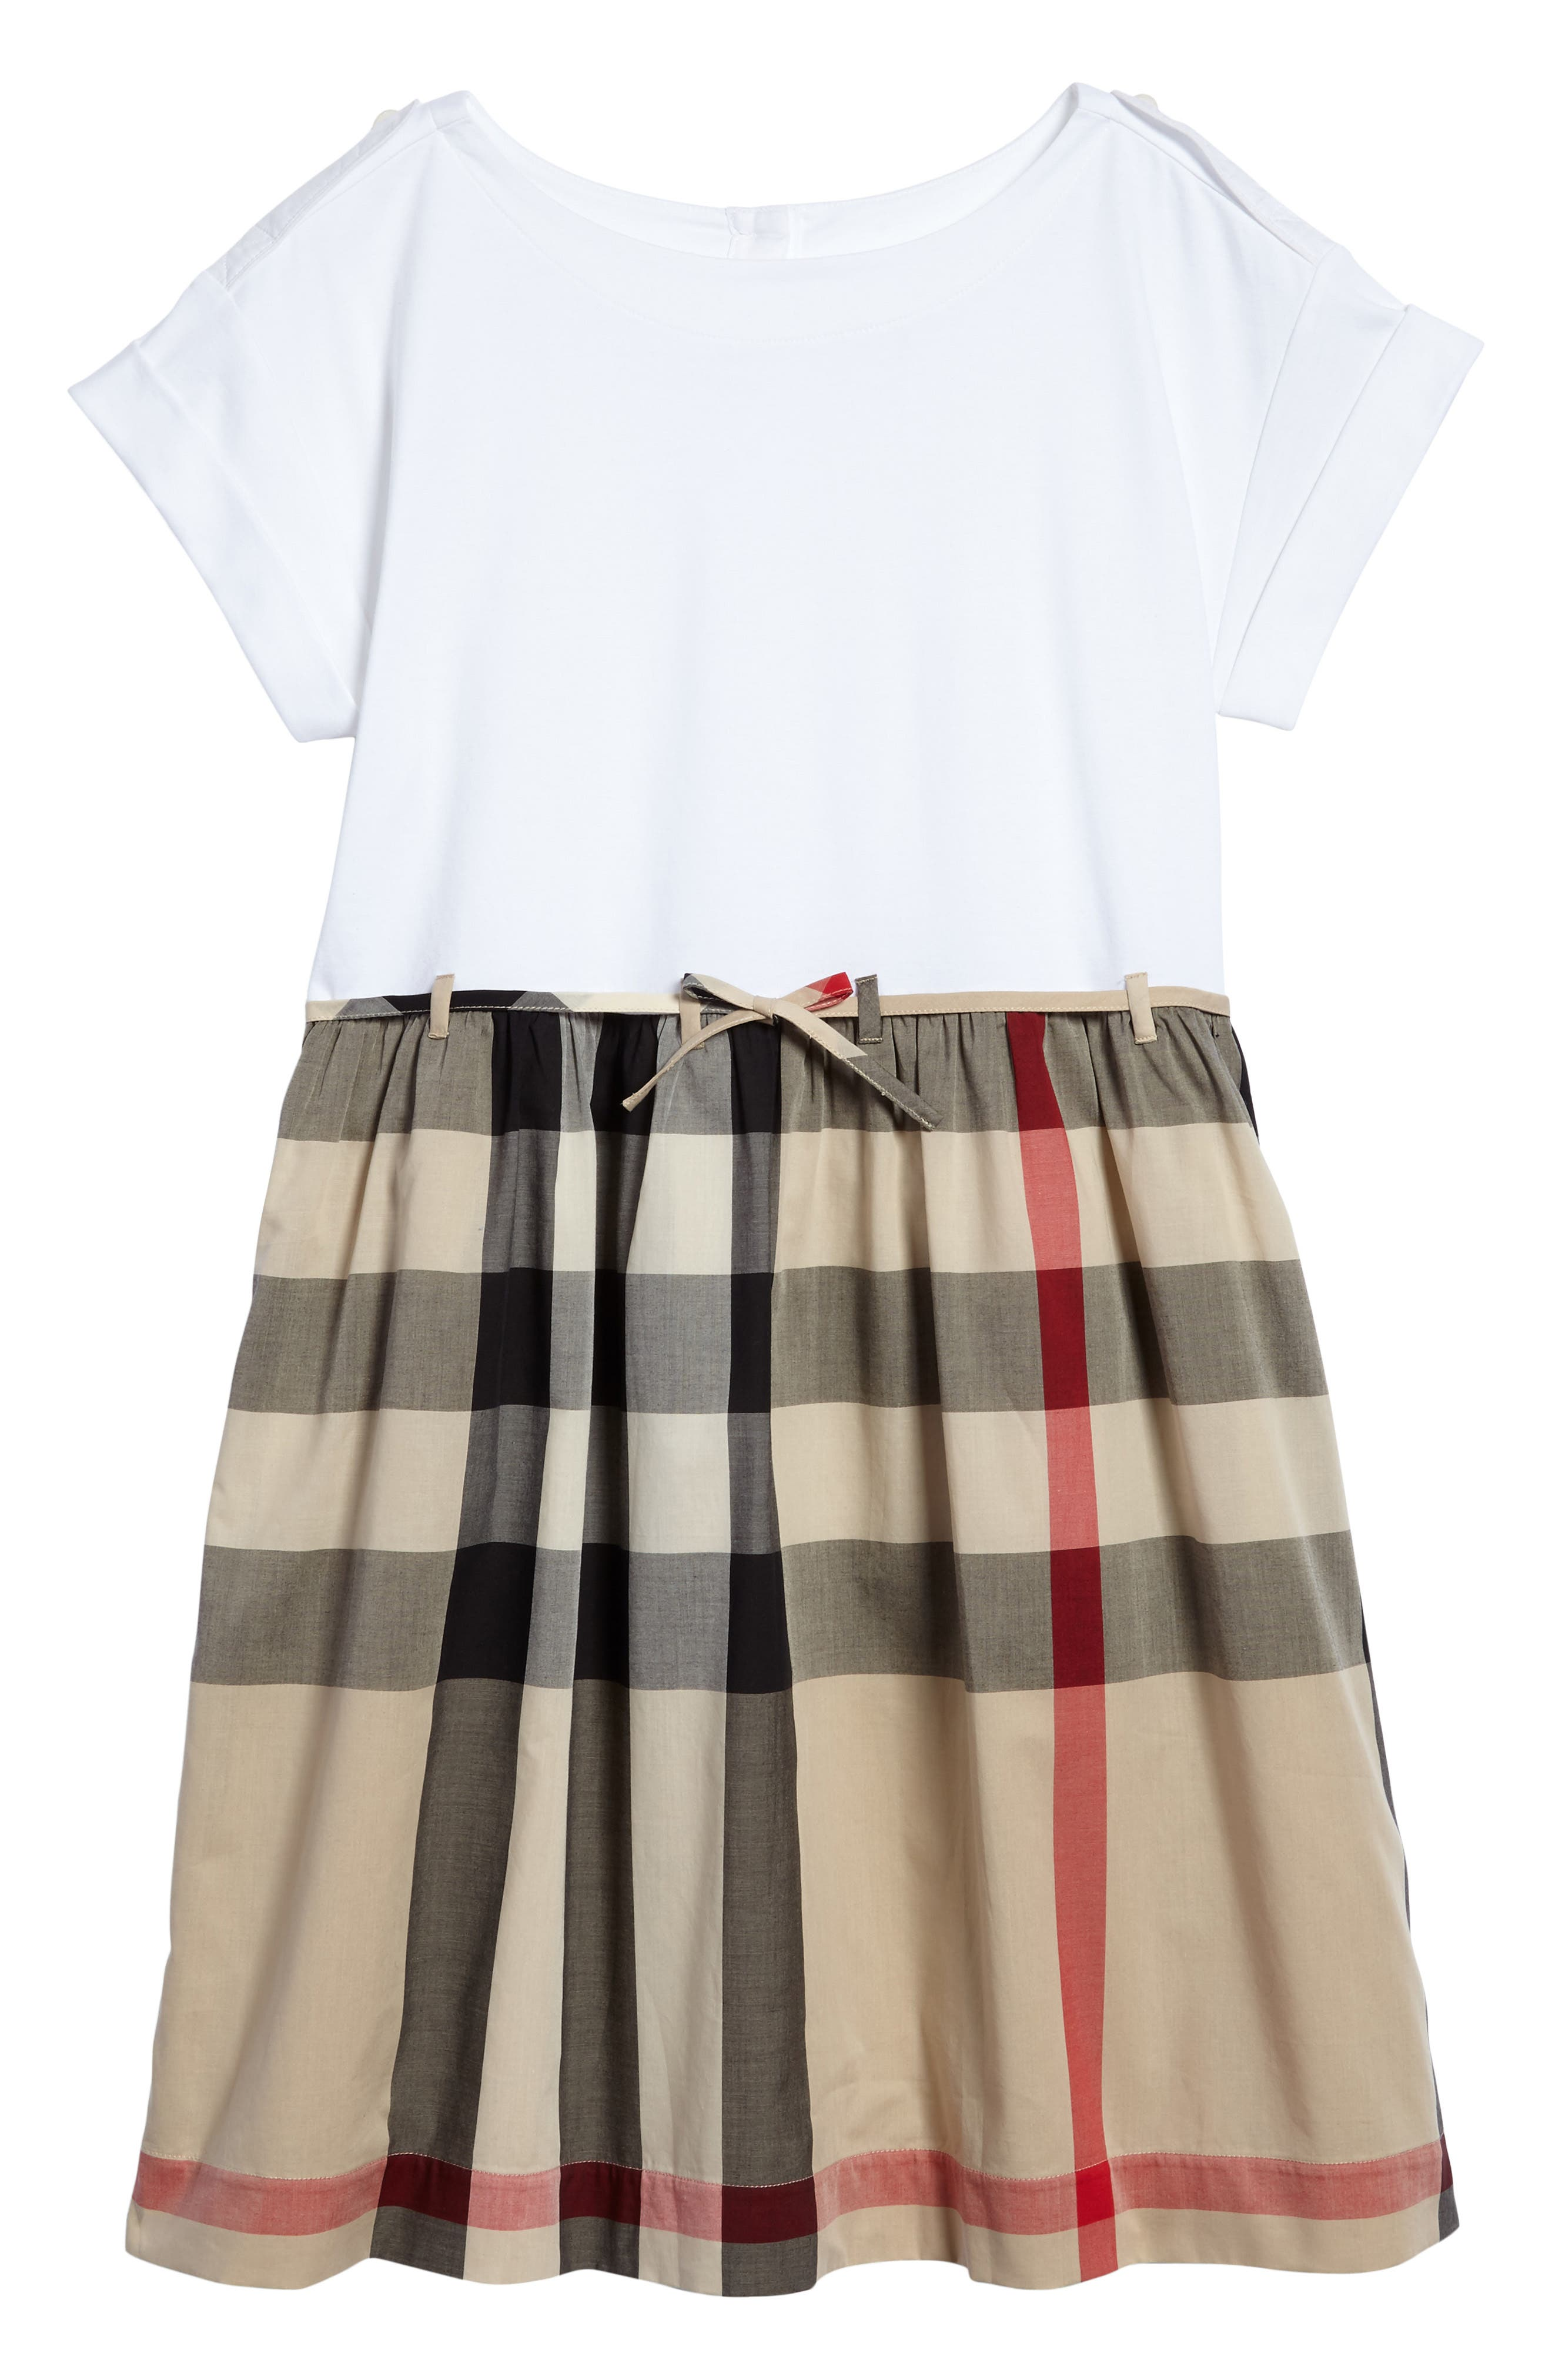 Rhonda Check Dress,                             Main thumbnail 1, color,